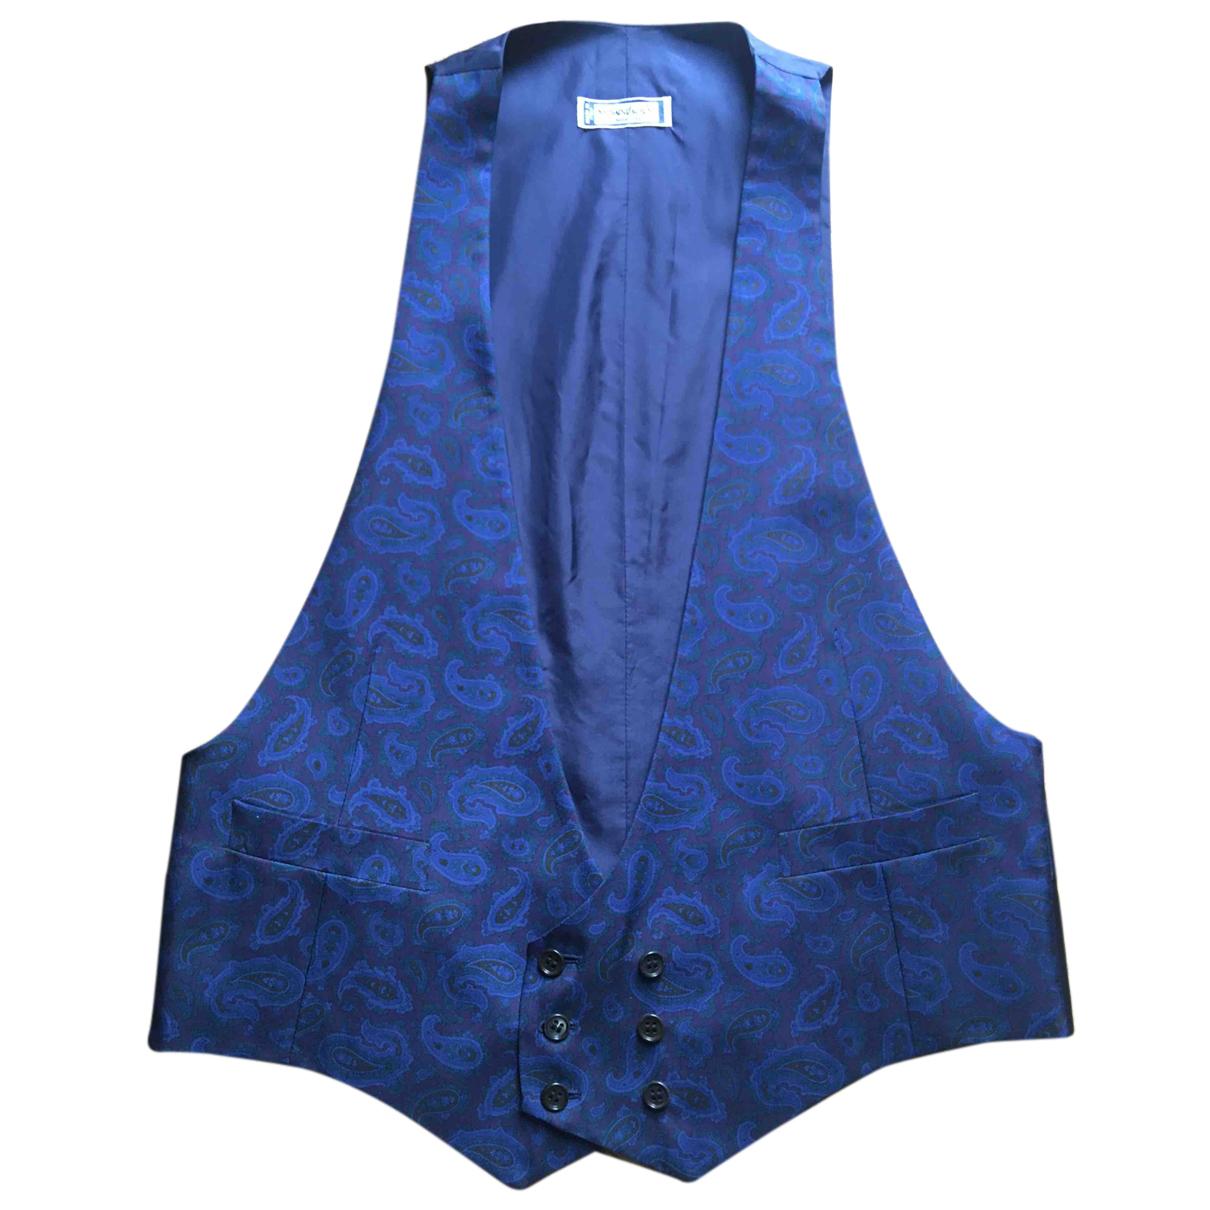 Yves Saint Laurent - Pulls.Gilets.Sweats   pour homme en soie - bleu